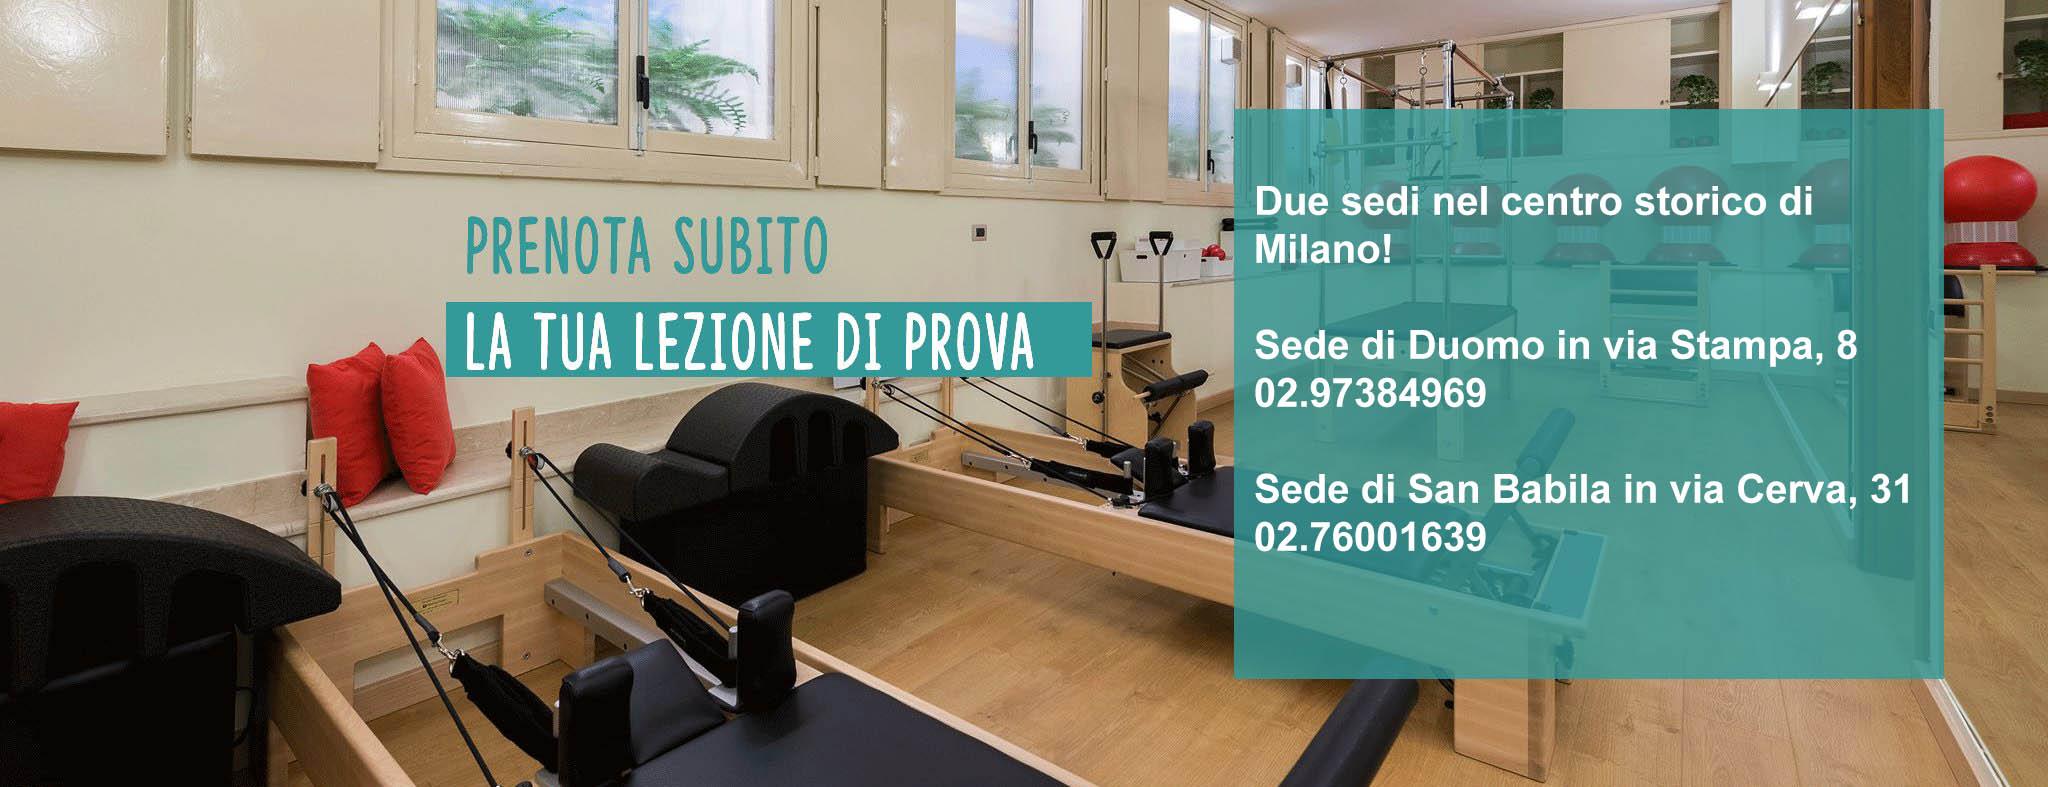 Pilates Post Parto Quartiere Frua Milano - Prenota subito la tua lezione di prova